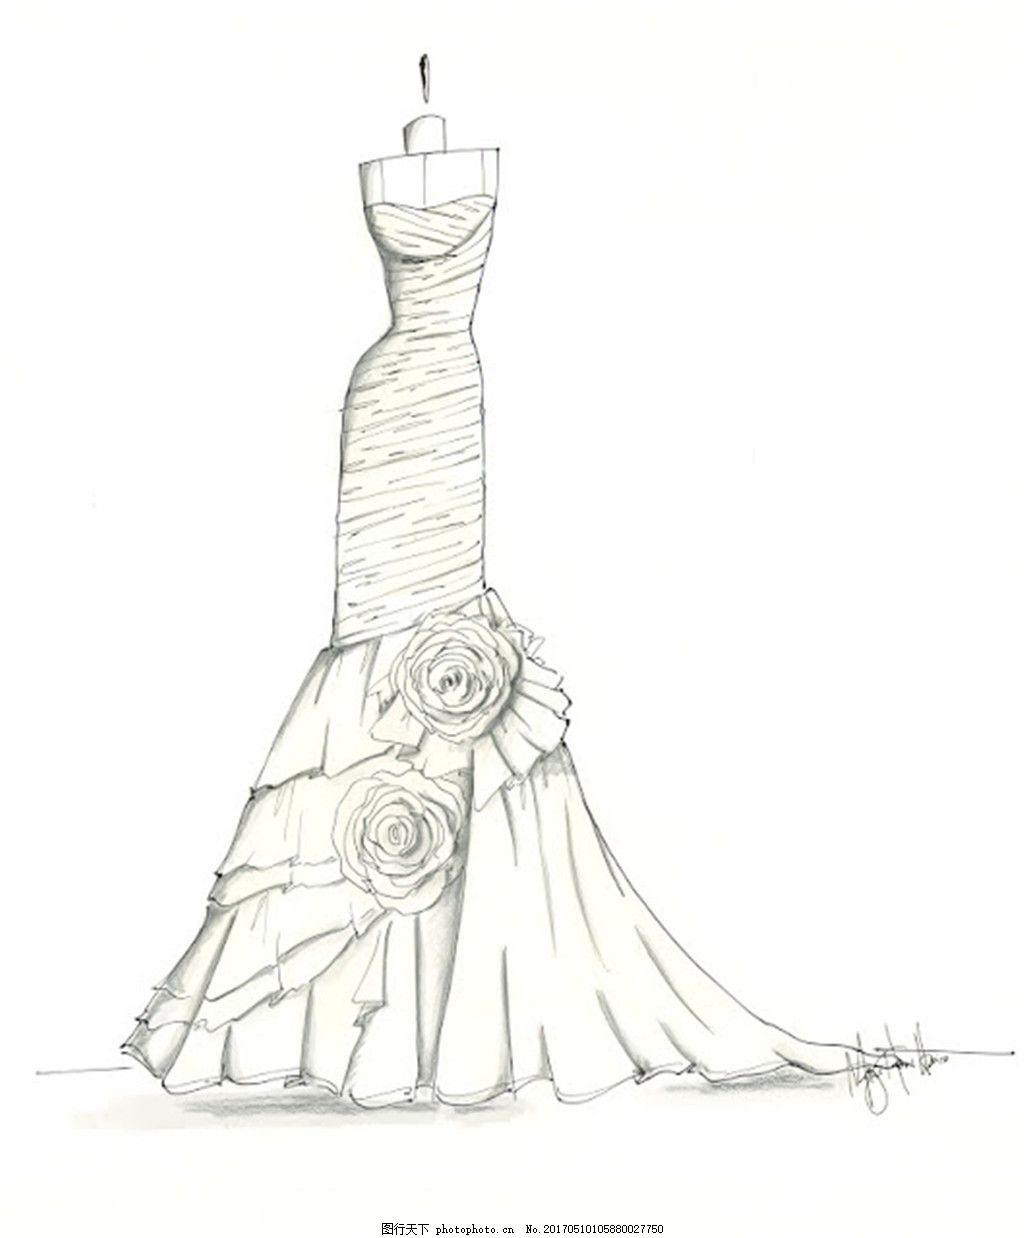 设计图库 现代科技 服装设计  花朵抹胸礼服设计图 服装设计 时尚女装